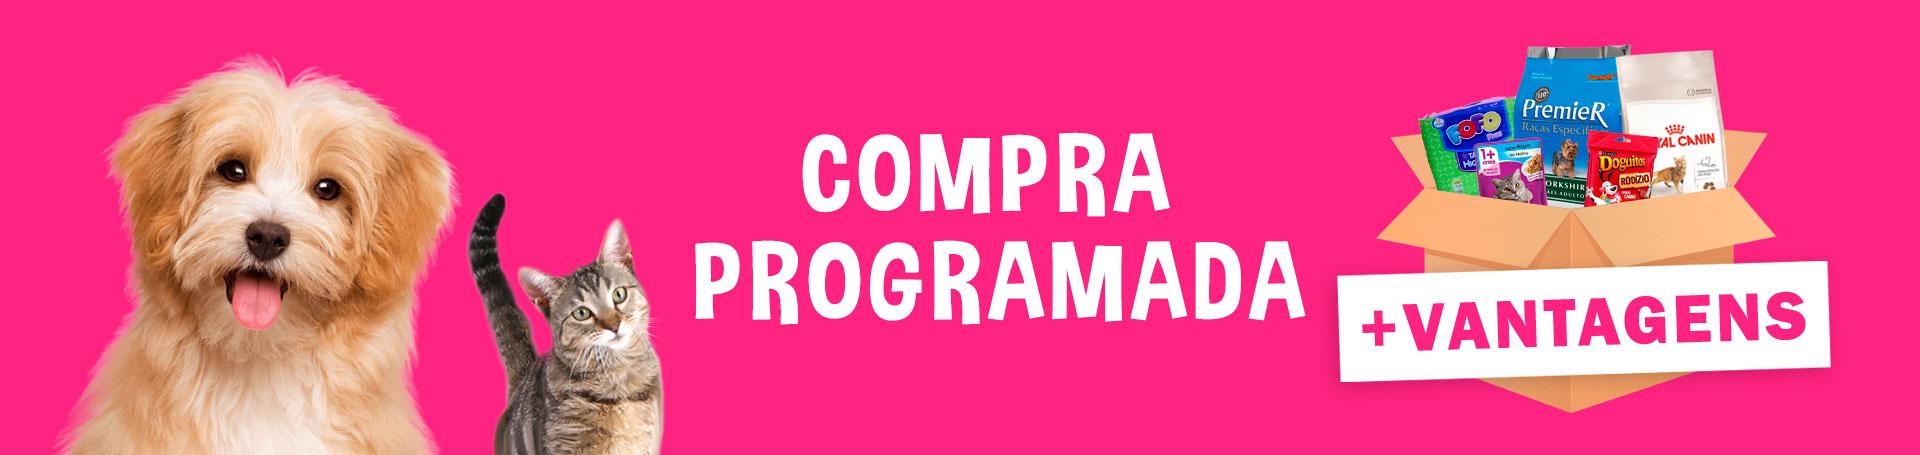 Compra Programada, mais vantagens